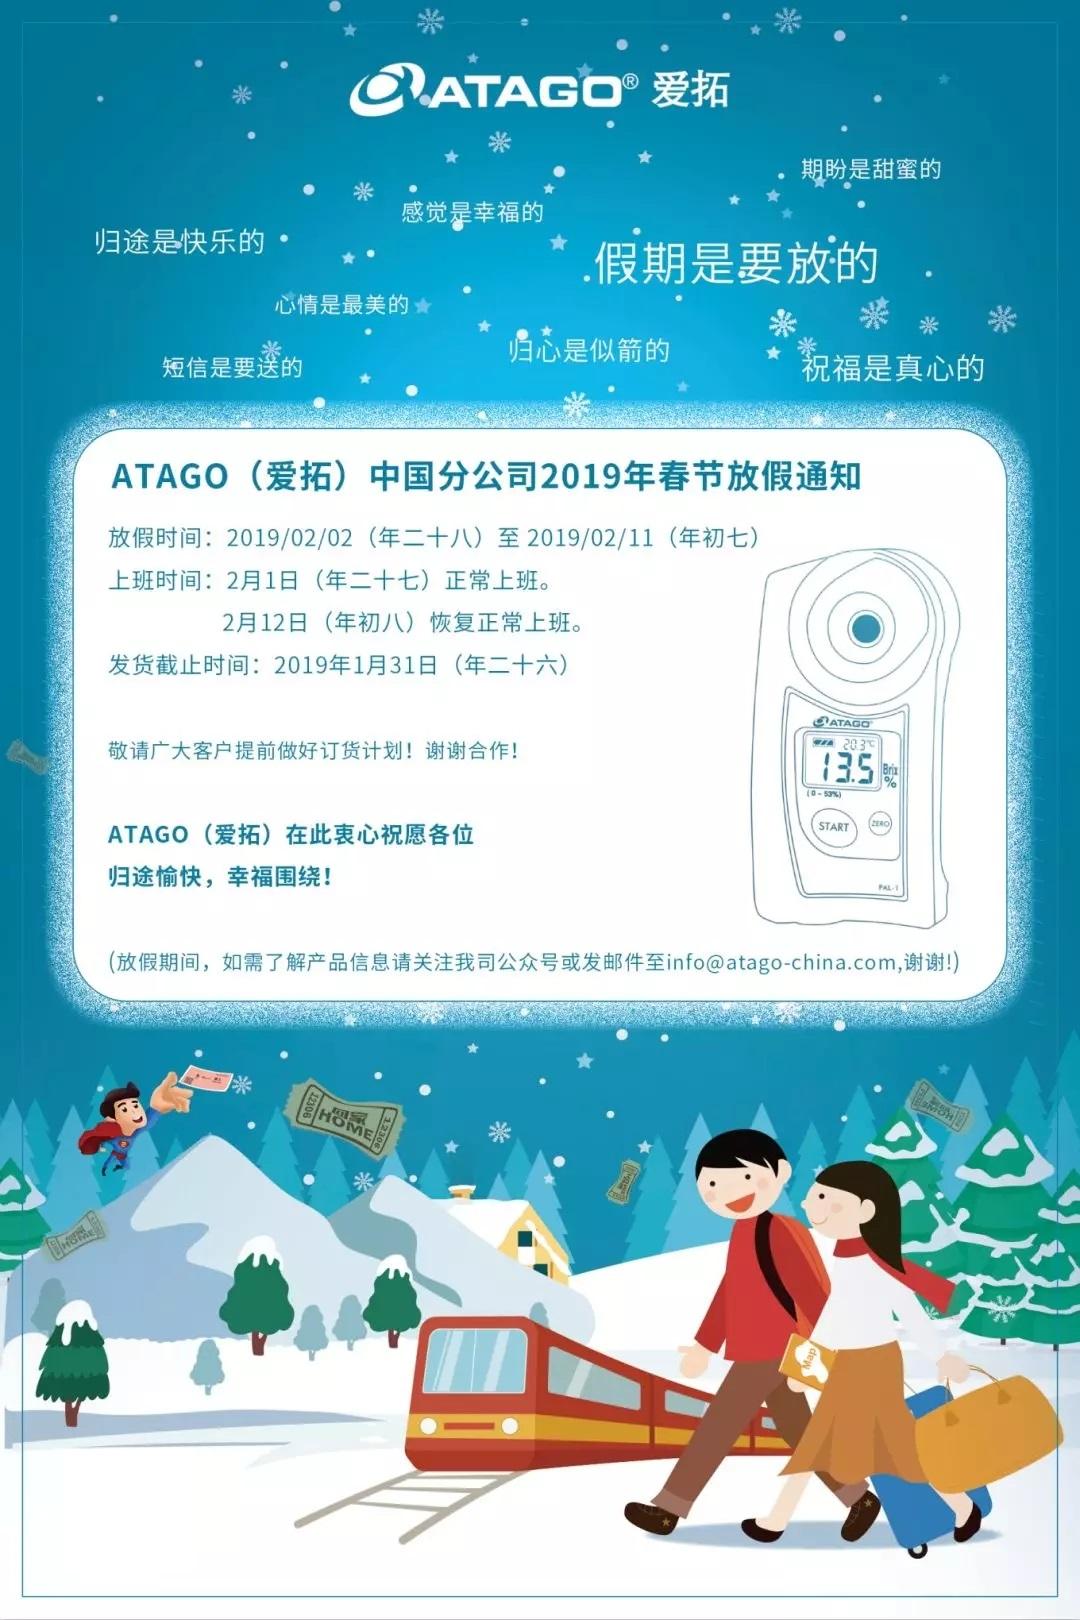 ATAGO(爱拓)中国分公司2019年春节放假通知